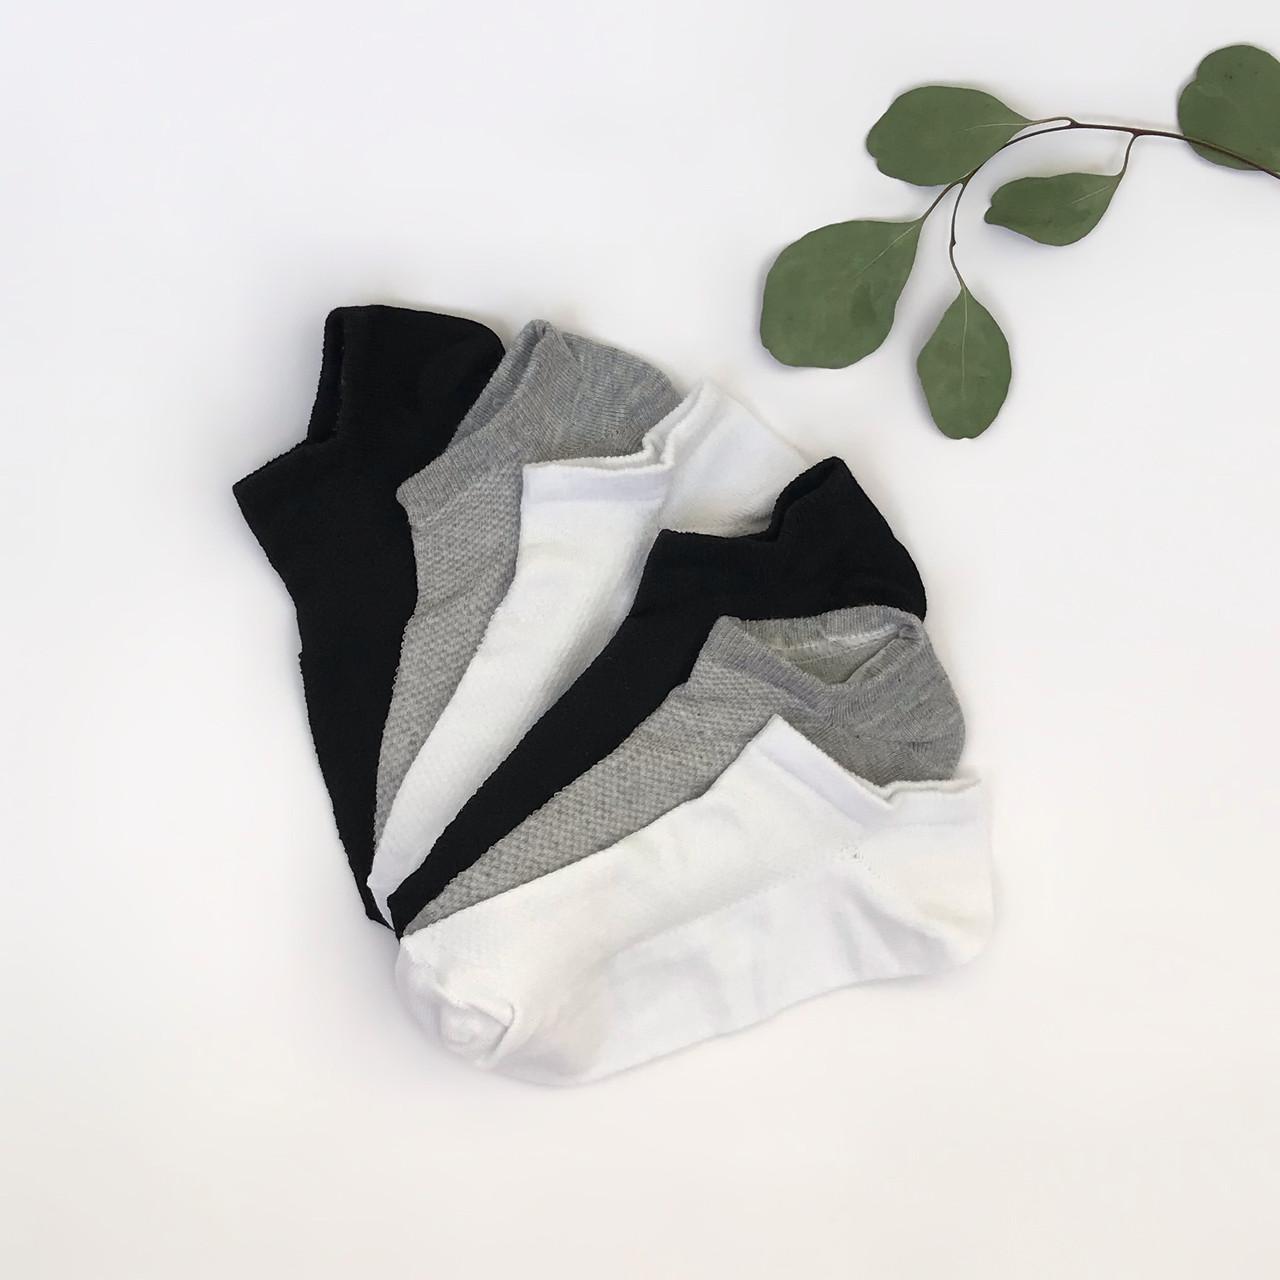 Жіночі літні короткі шкарпетки в сіточку Mariella Jano